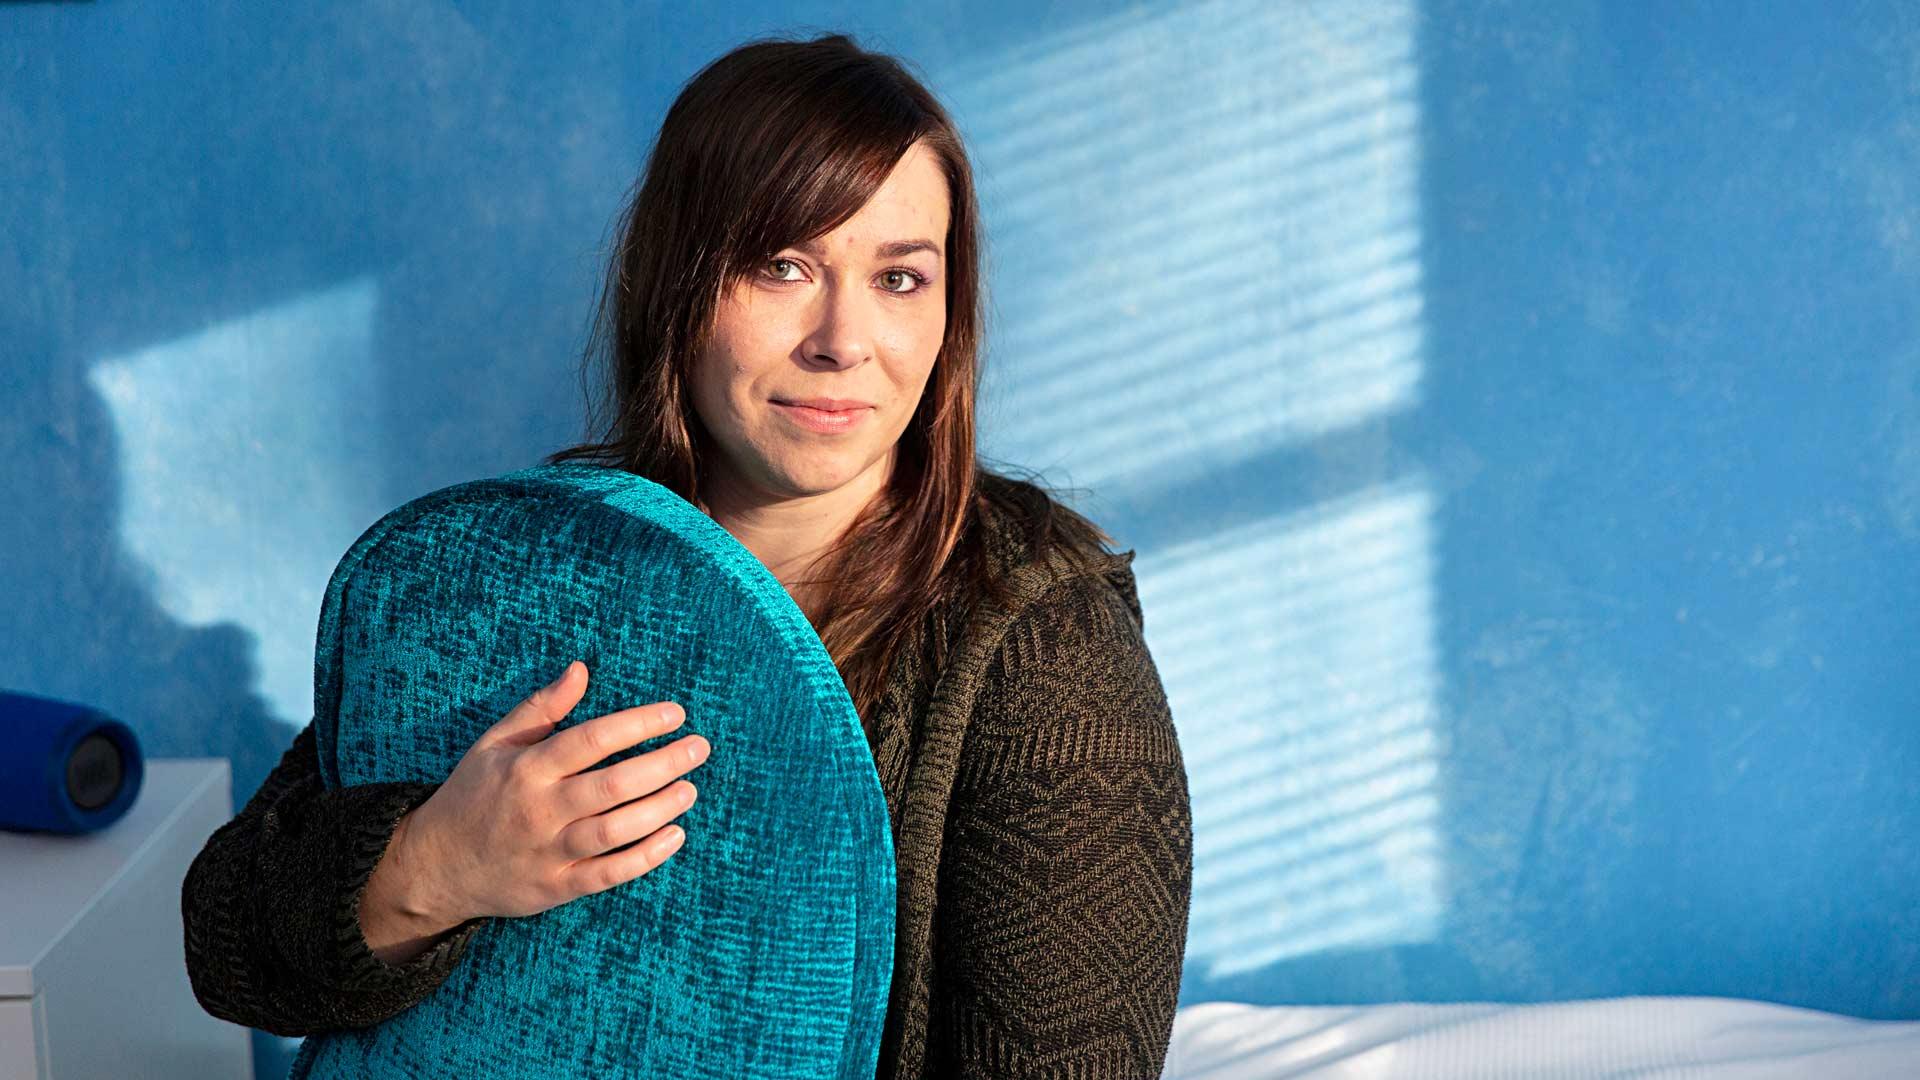 """Nuutin oma huone on lähes kauttaaltaan sininen. """"Sininen väri rauhoittaa. Tämä on koko perheen rauhoittumishuone"""", Noora kertoo. Sininen on myös autismin tunnusväri."""